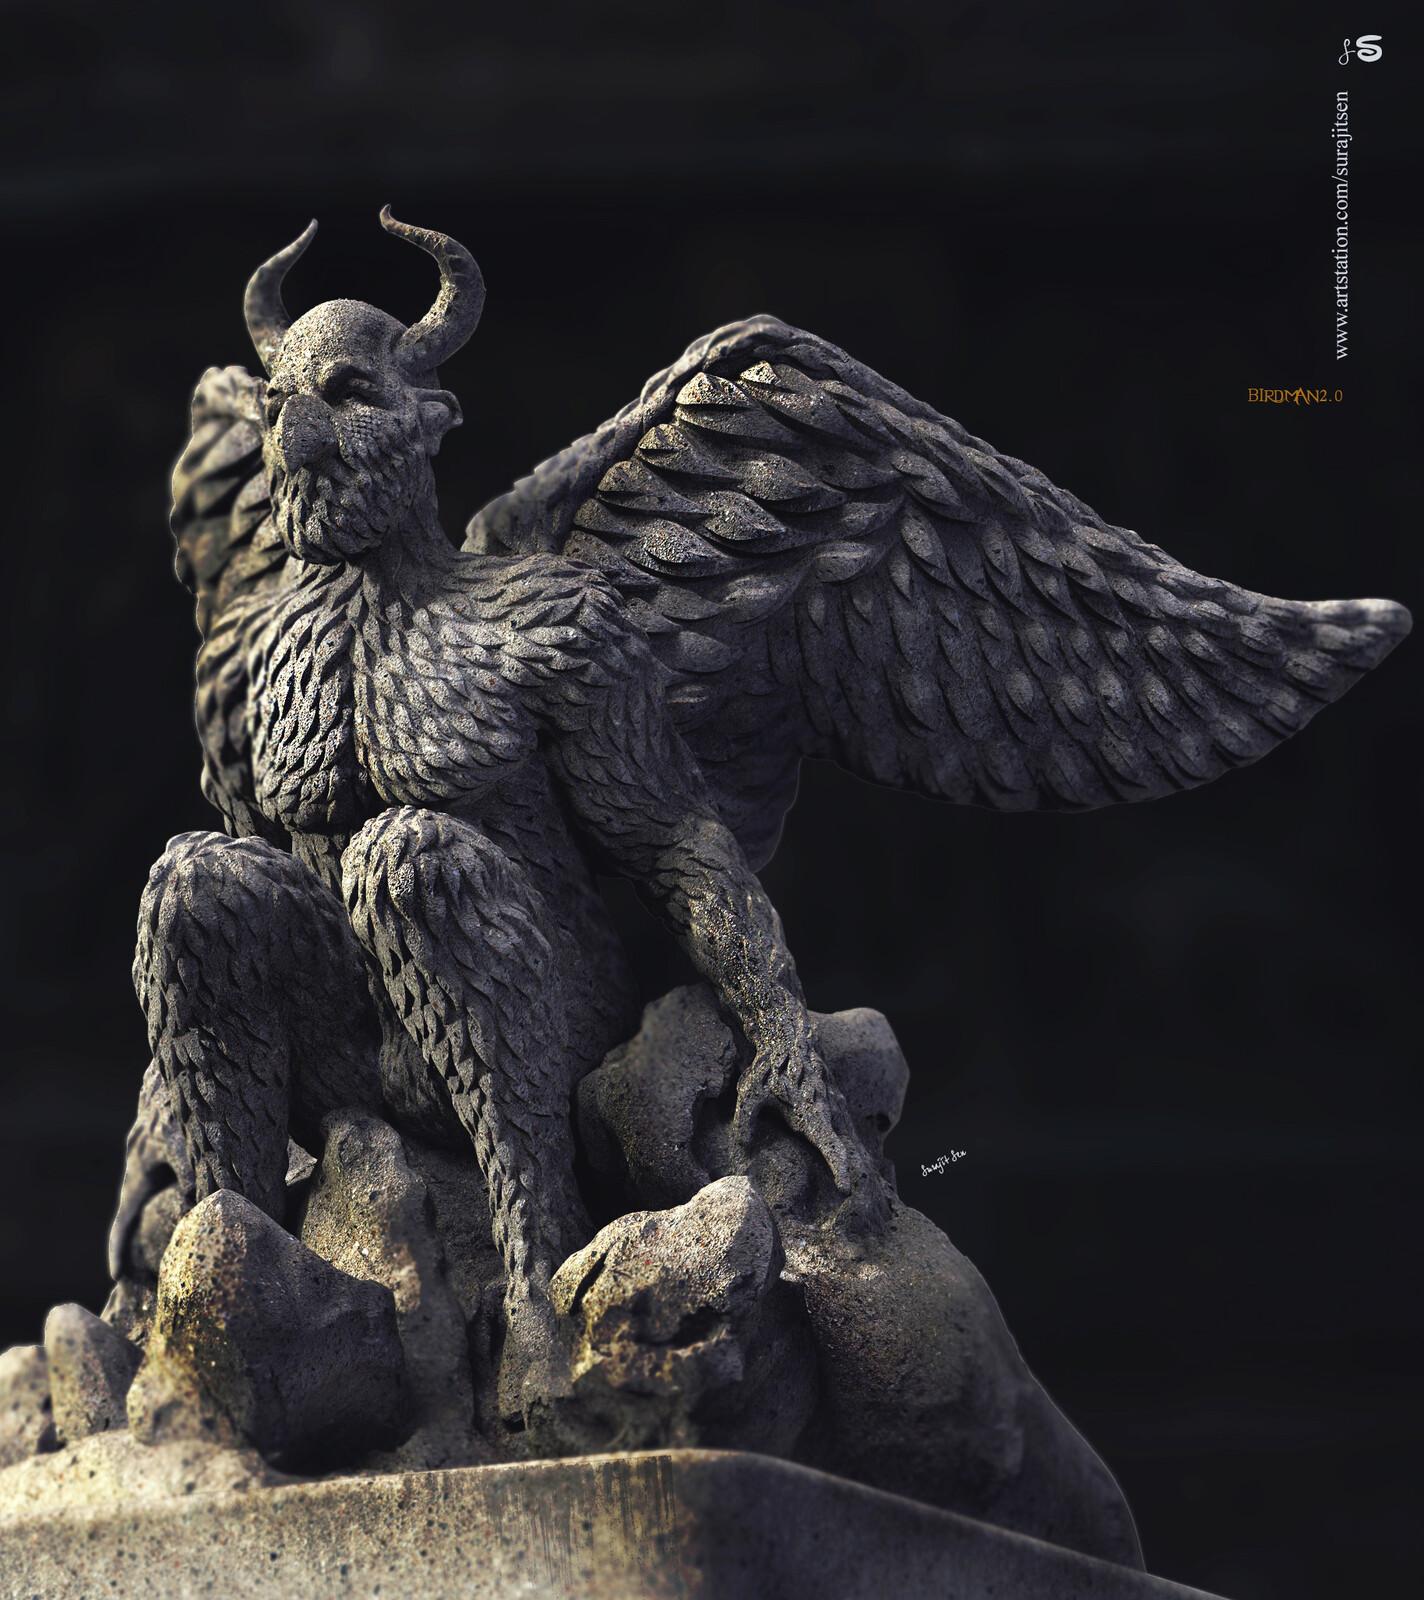 Birdman2.0 Digital Sculpture Wish to share. Background music- #hanszimmermusic